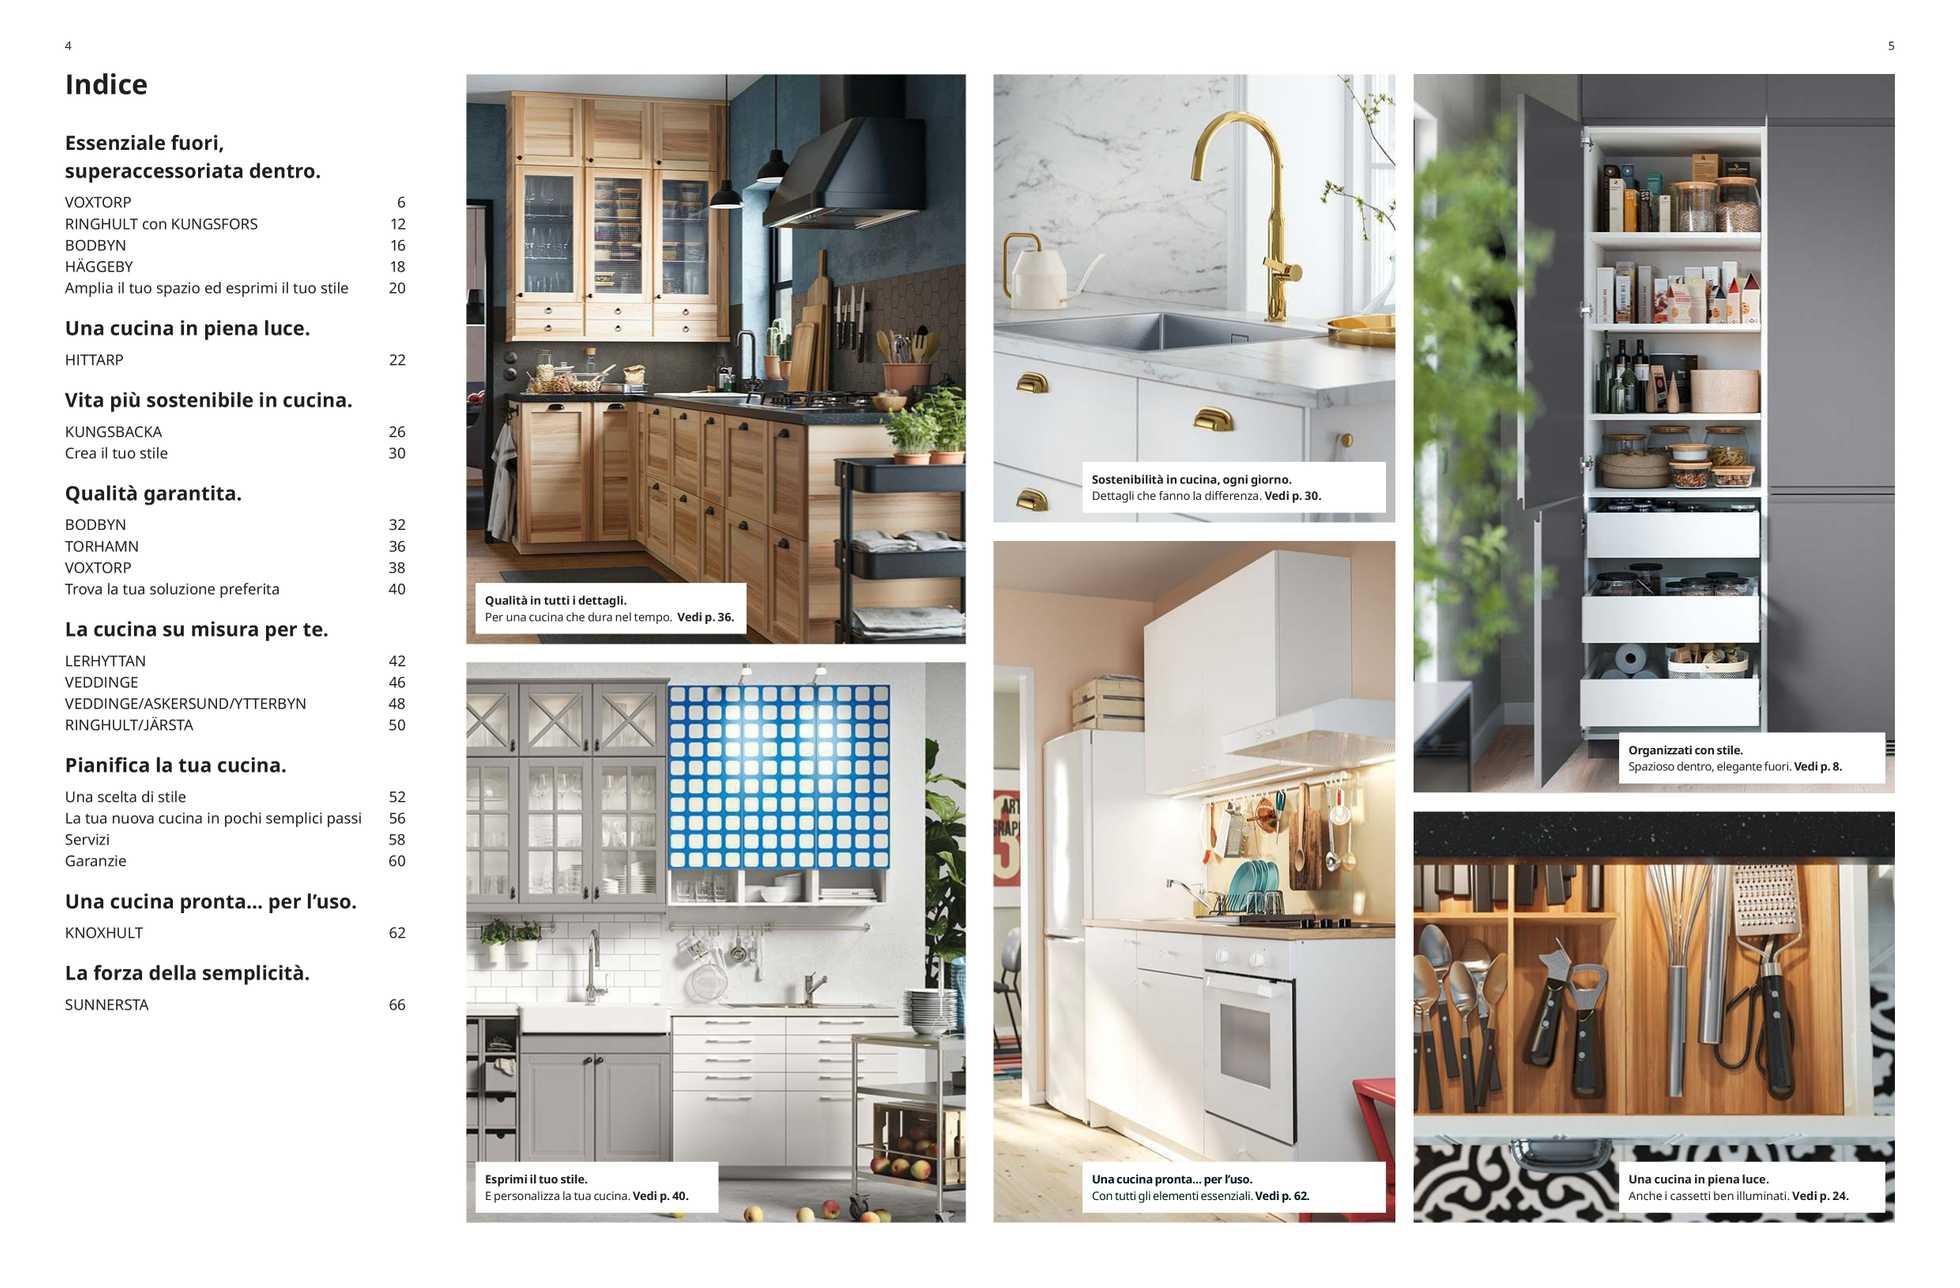 IKEA - offerte valide dal 01.09.2019 al 31.01.2020 - pagina 3.